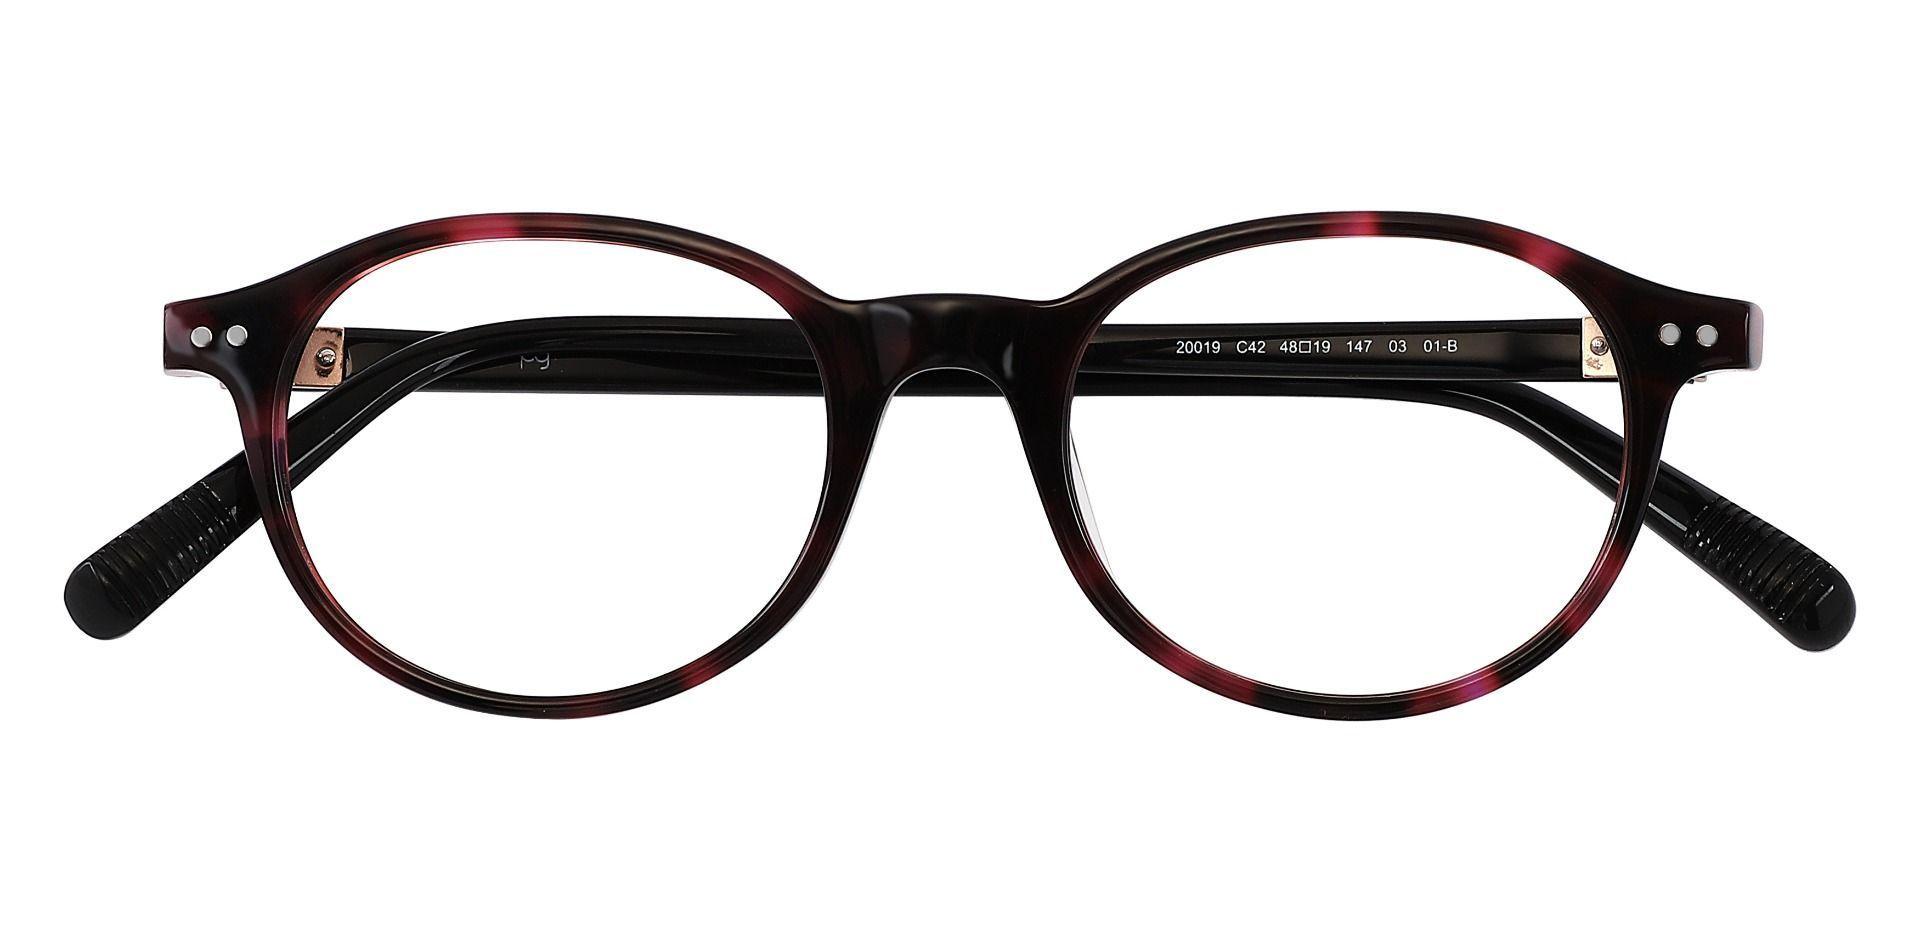 Avon Oval Eyeglasses Frame - Tortoise